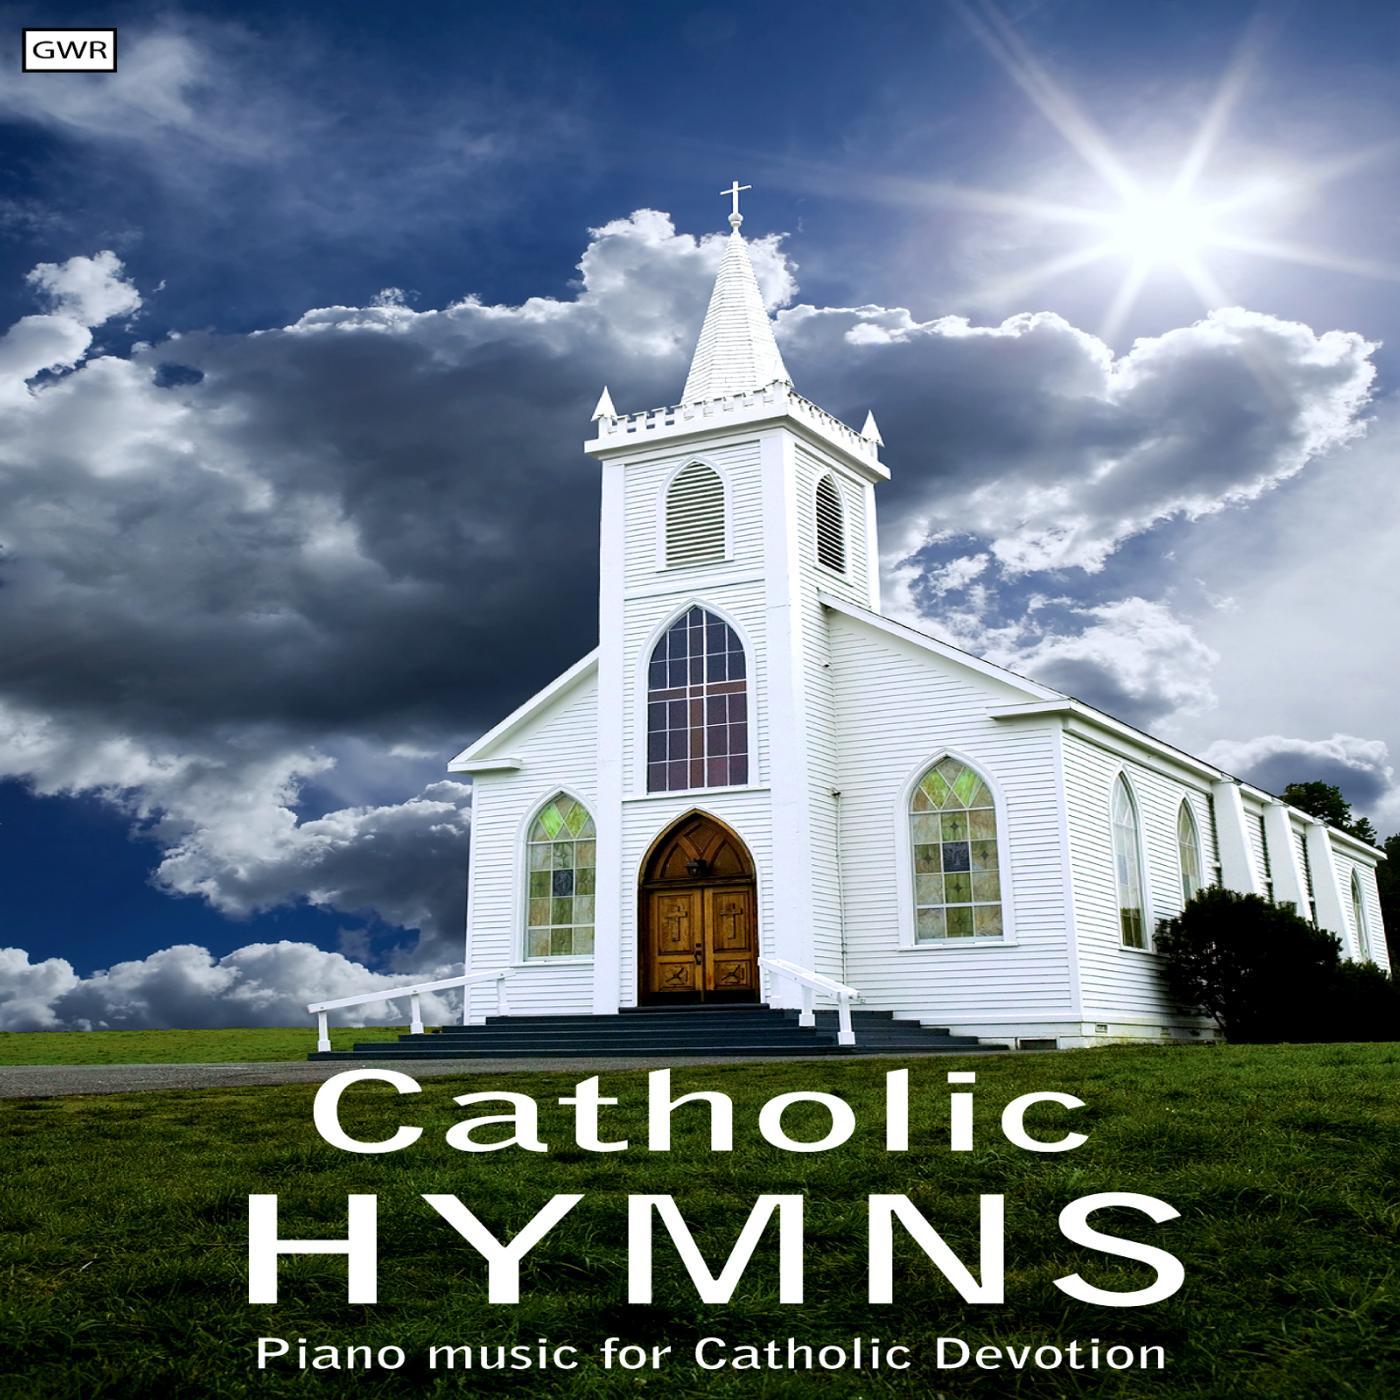 Listen Free To Catholic Hymns - Ave Maria Radio